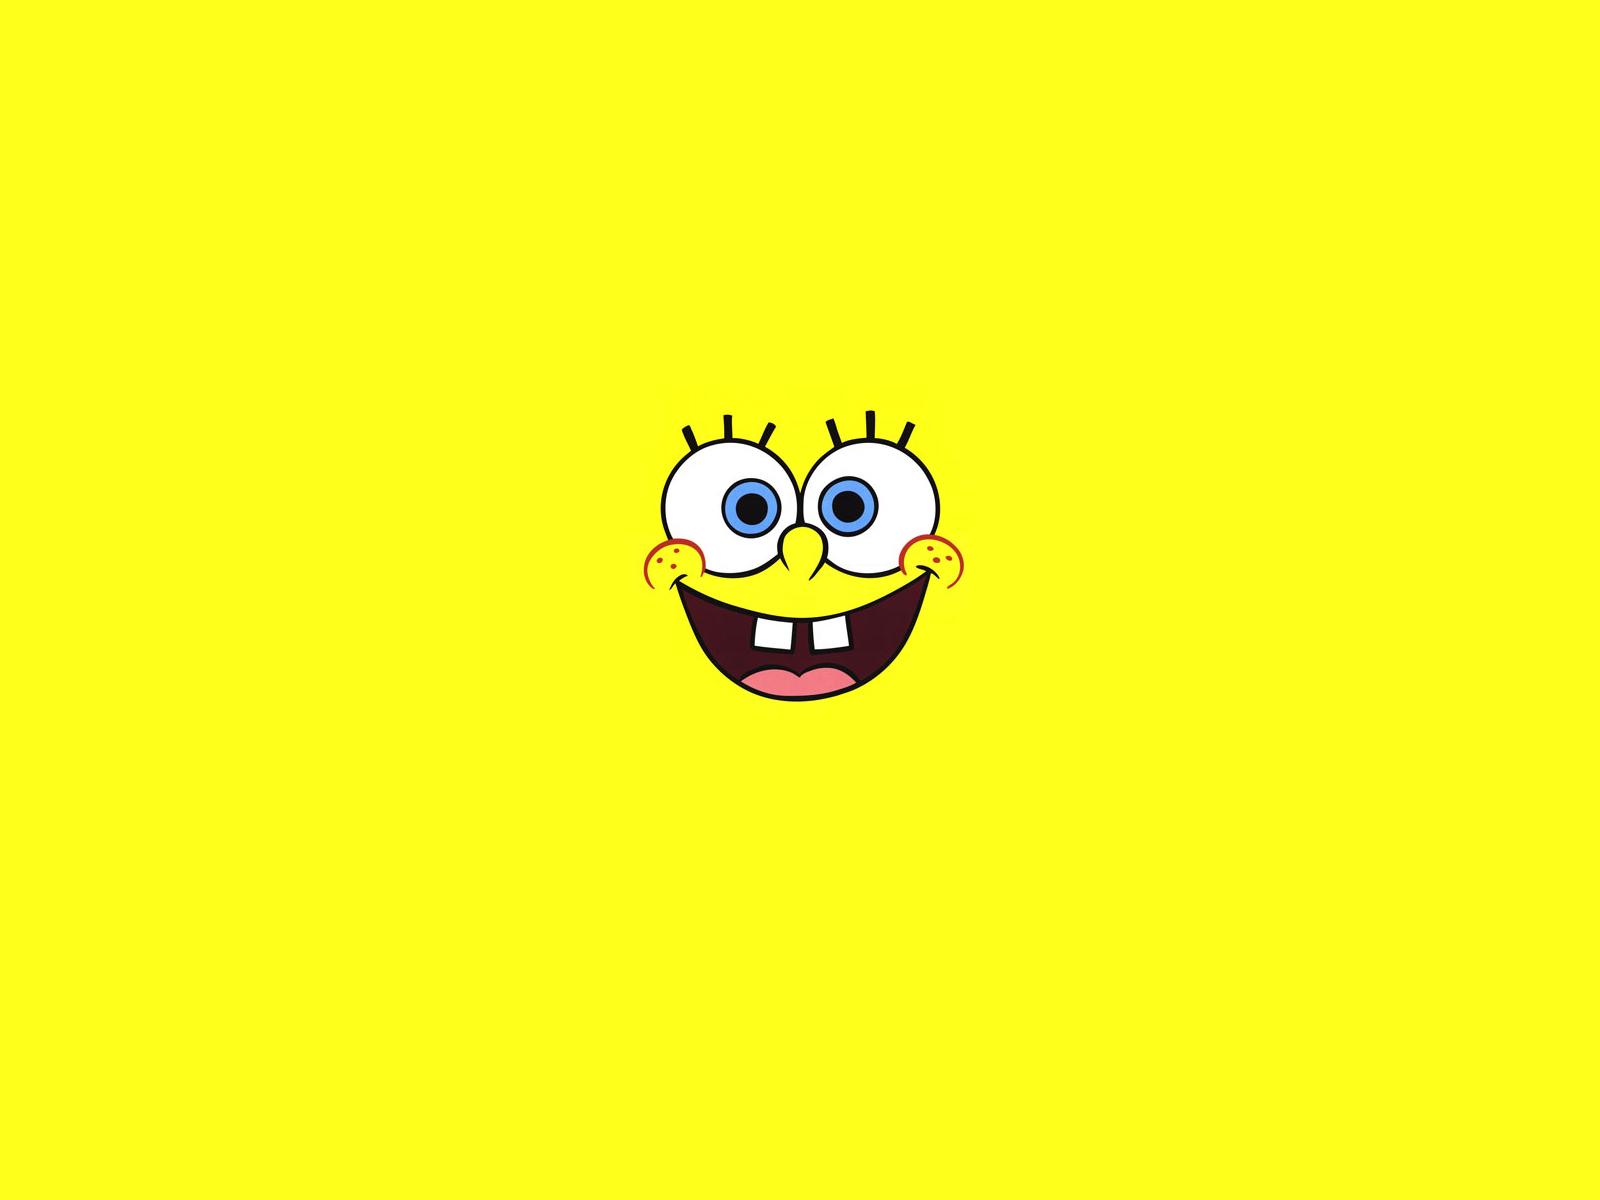 tải hình nền mặt cười đẹp